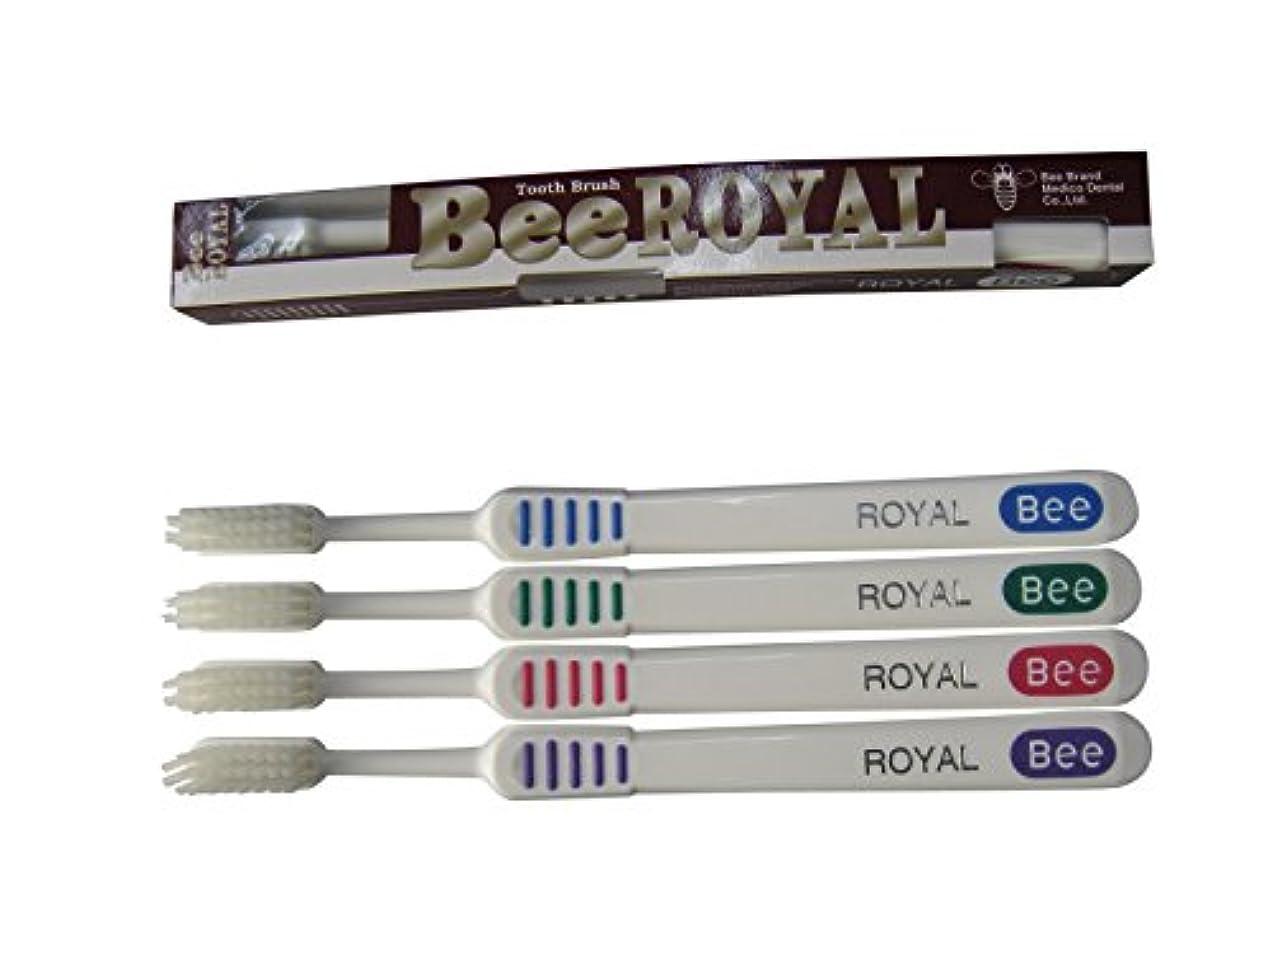 イーウェル予備圧倒するドクタービー 歯ブラシ ビーブランド ドクタービーロイヤル ふつう 4色アソート 20本入り